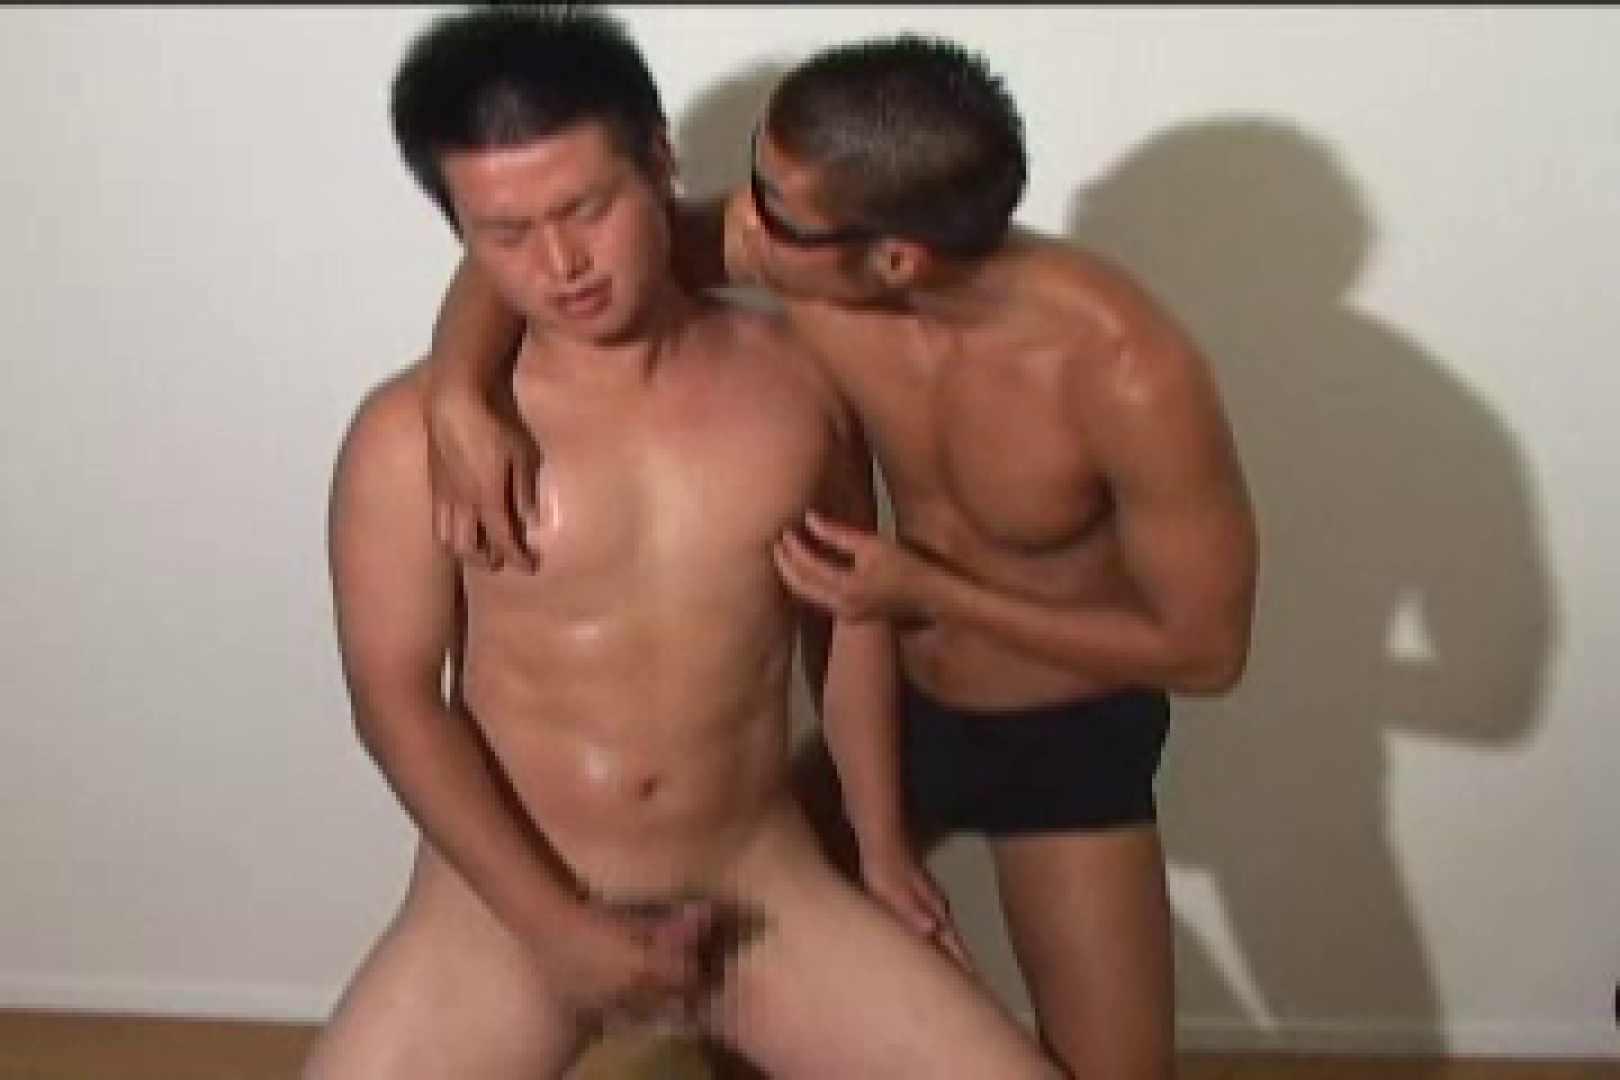 スポMENファック!!反り勃つ男根!!vol.3 ガッチリ | 裸の男たち ゲイアダルト画像 113枚 86